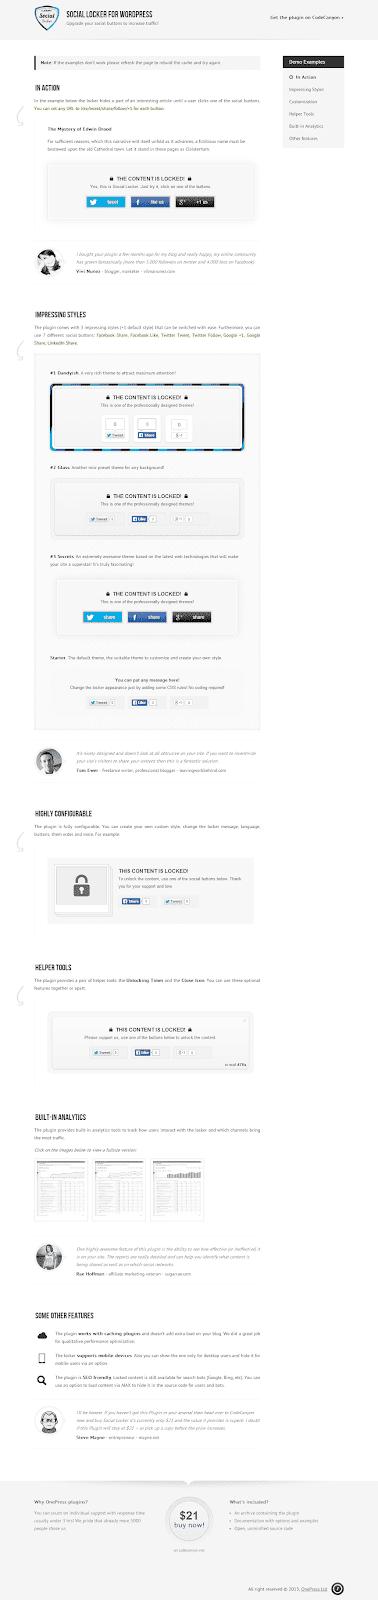 WP Social Locker 4.3.6 For  WordPress Plugin Extended License